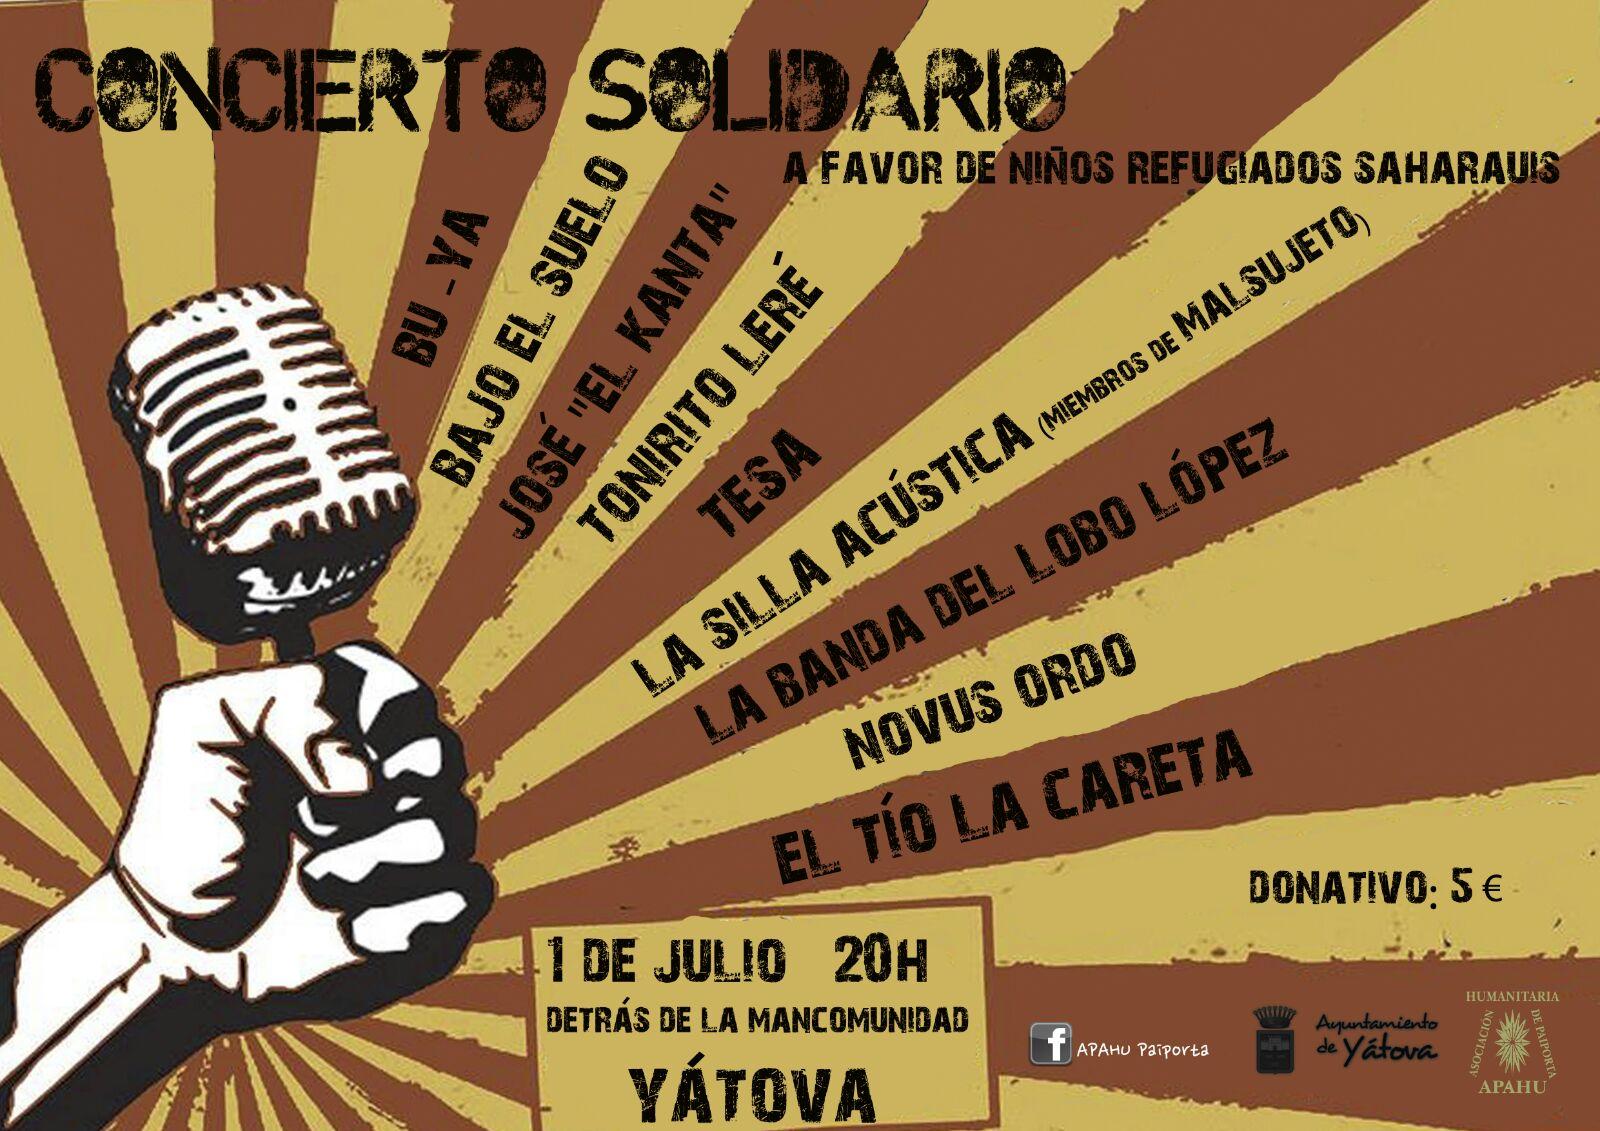 Concierto solidario Yátova Sahara